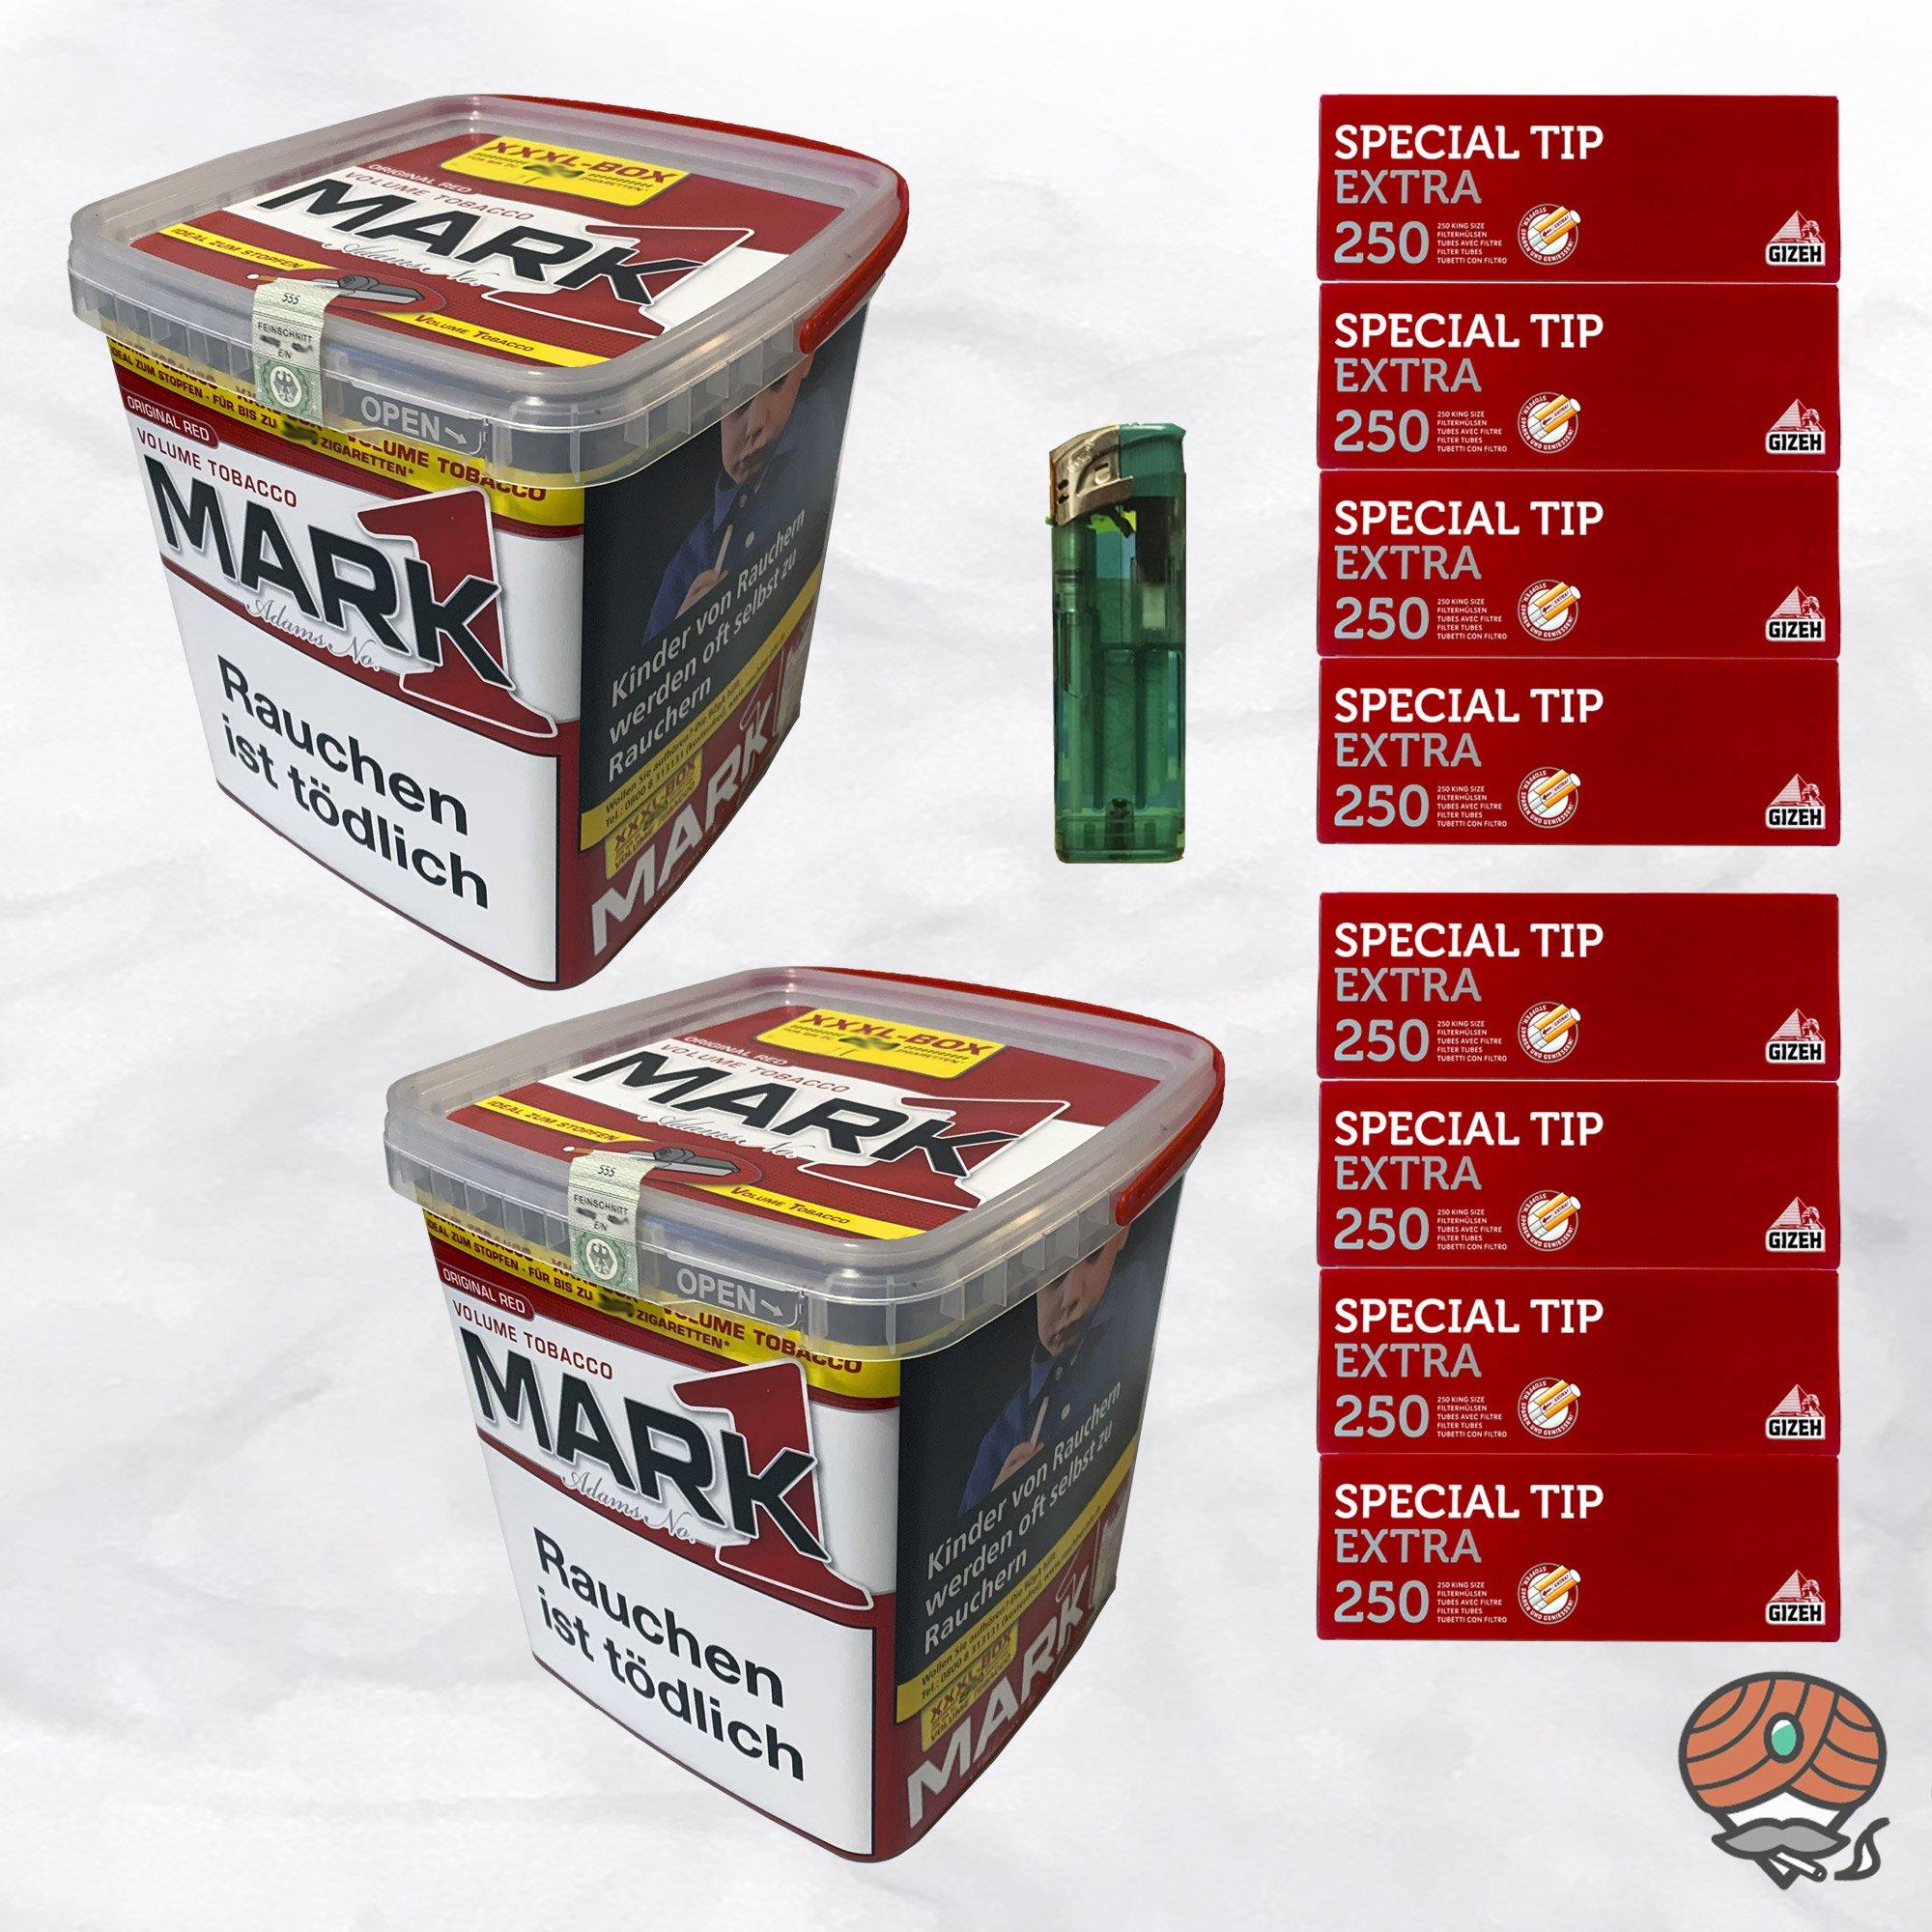 2x Mark Adams No. 1 Volumentabak 400g XXXL-Box, Extra Hülsen, Feuerzeug